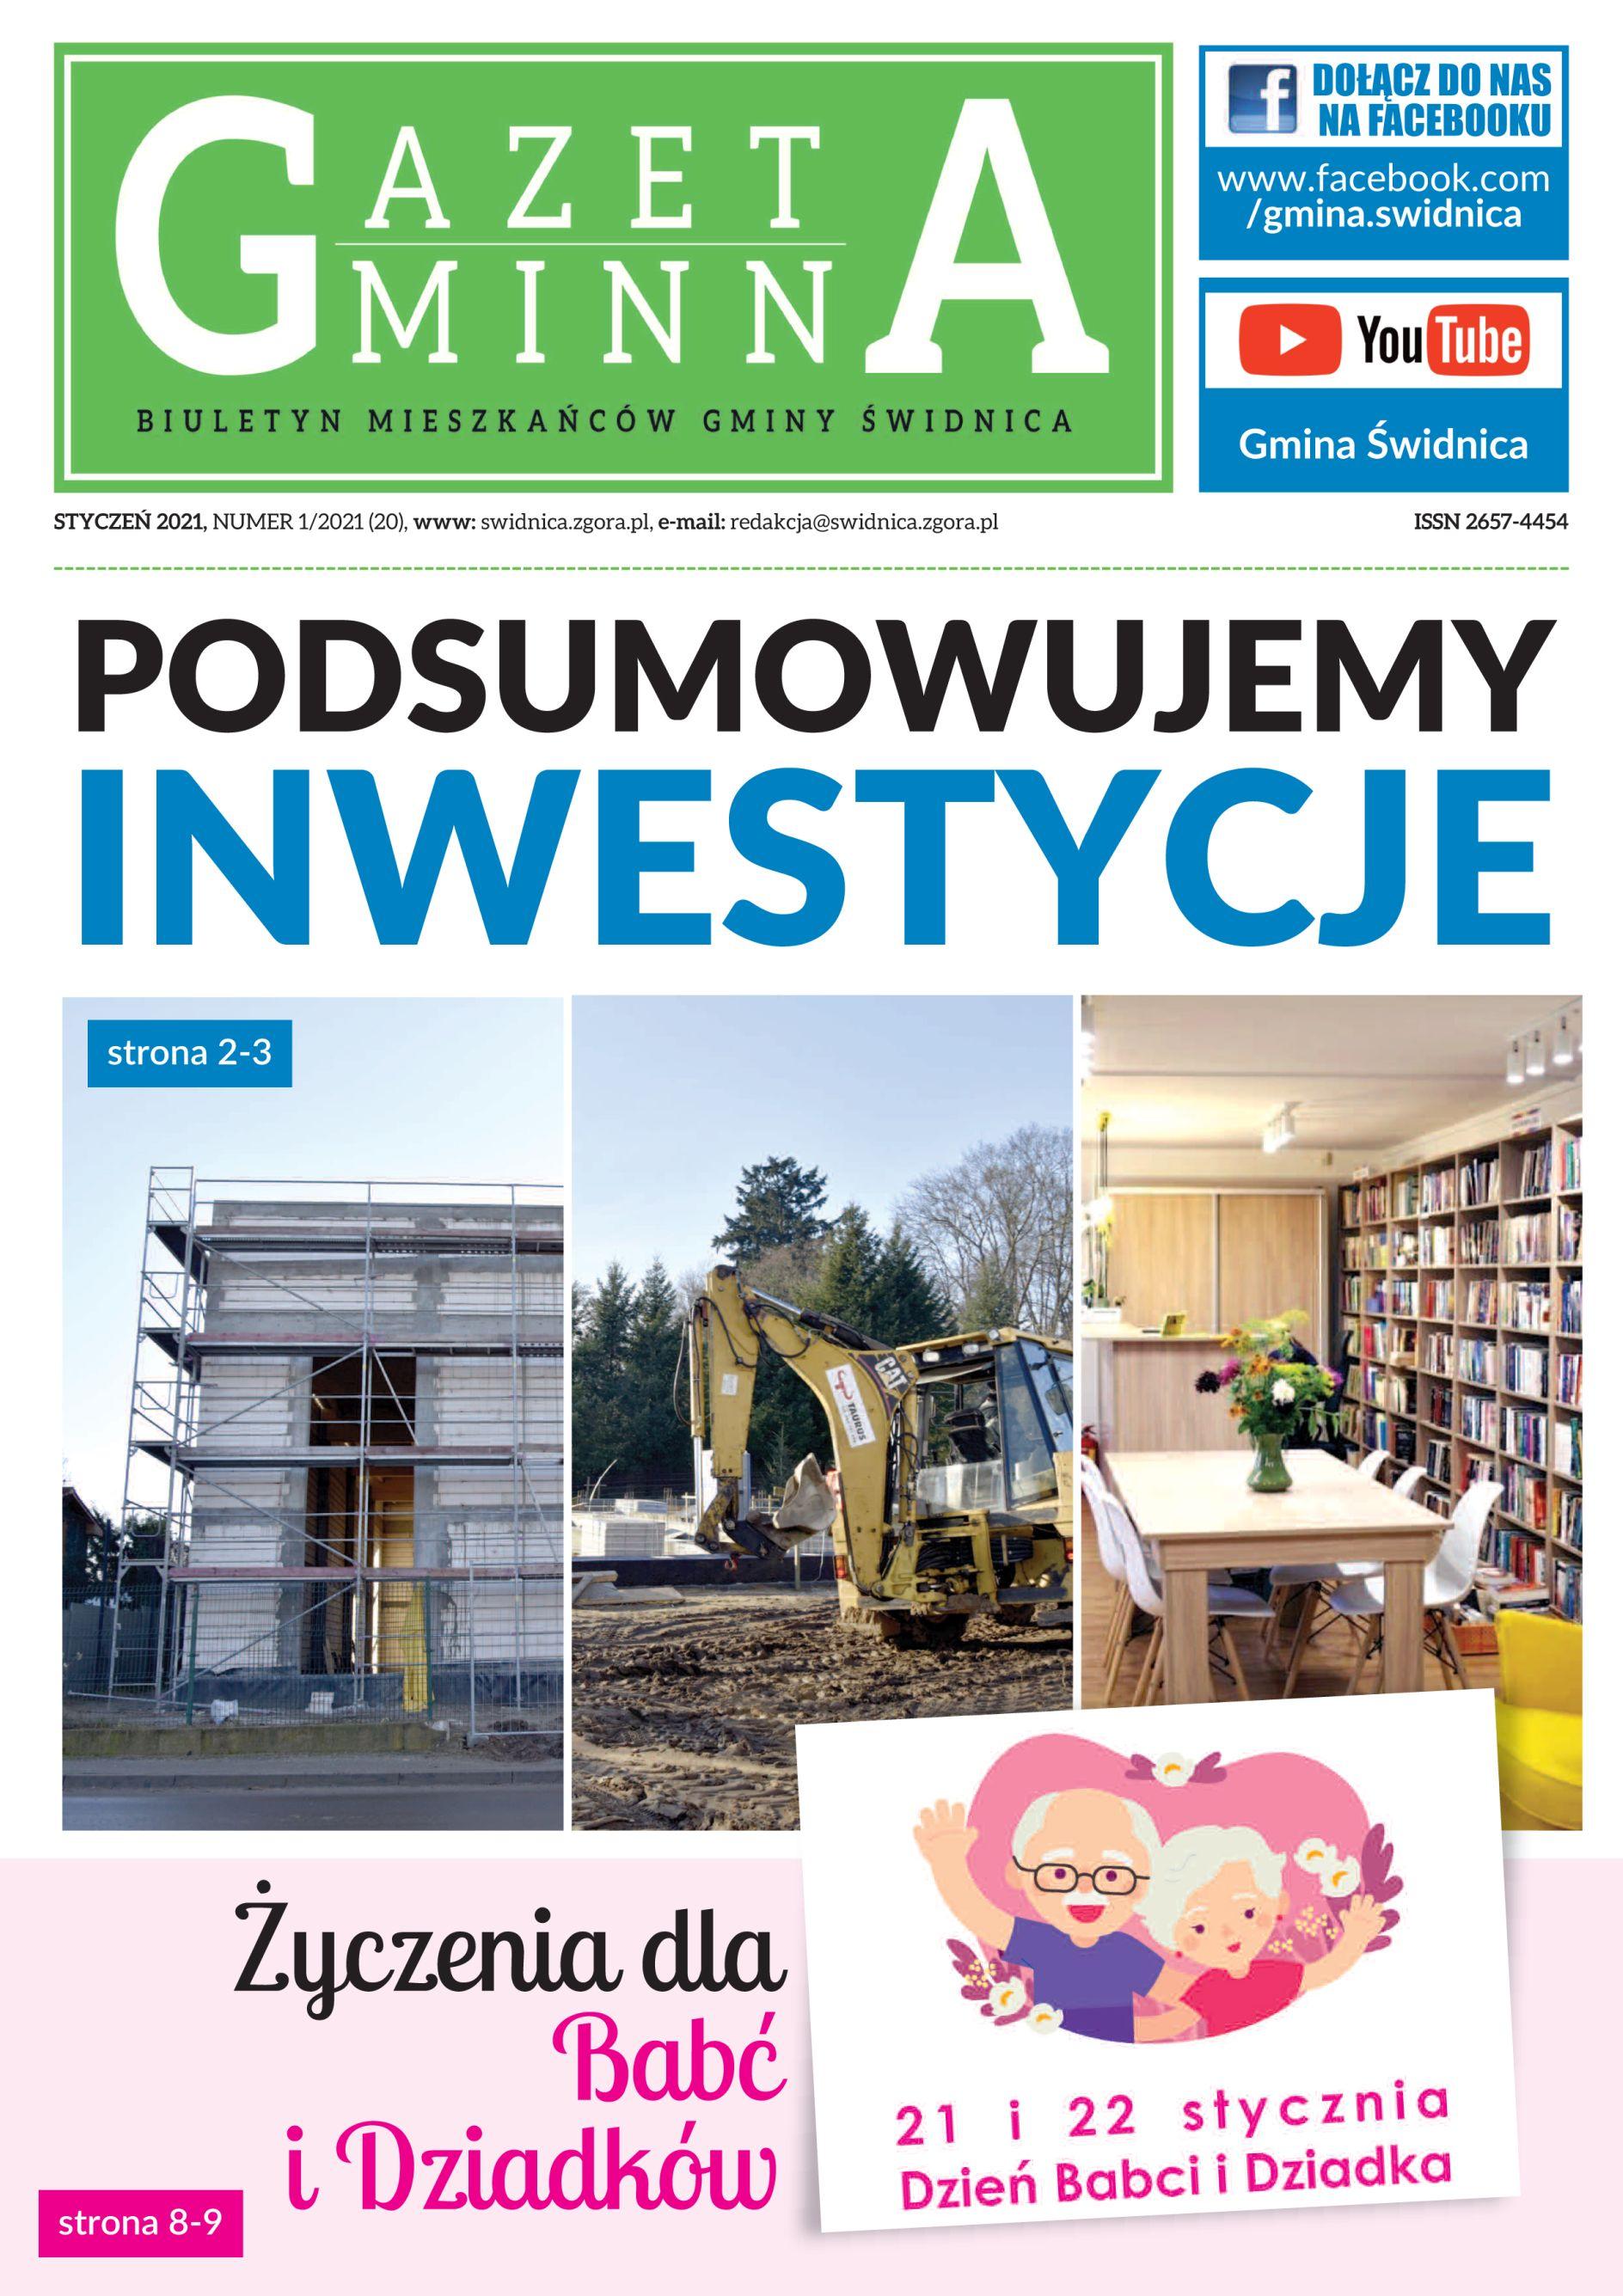 Okłada styczniowego wydania Gazety Gminnej, na której znajdują się zdjęcia realizowanych w 2020 roku inwestycji (hala sportowa w Słonem, przedszkole gminne oraz biblioteka gminna)